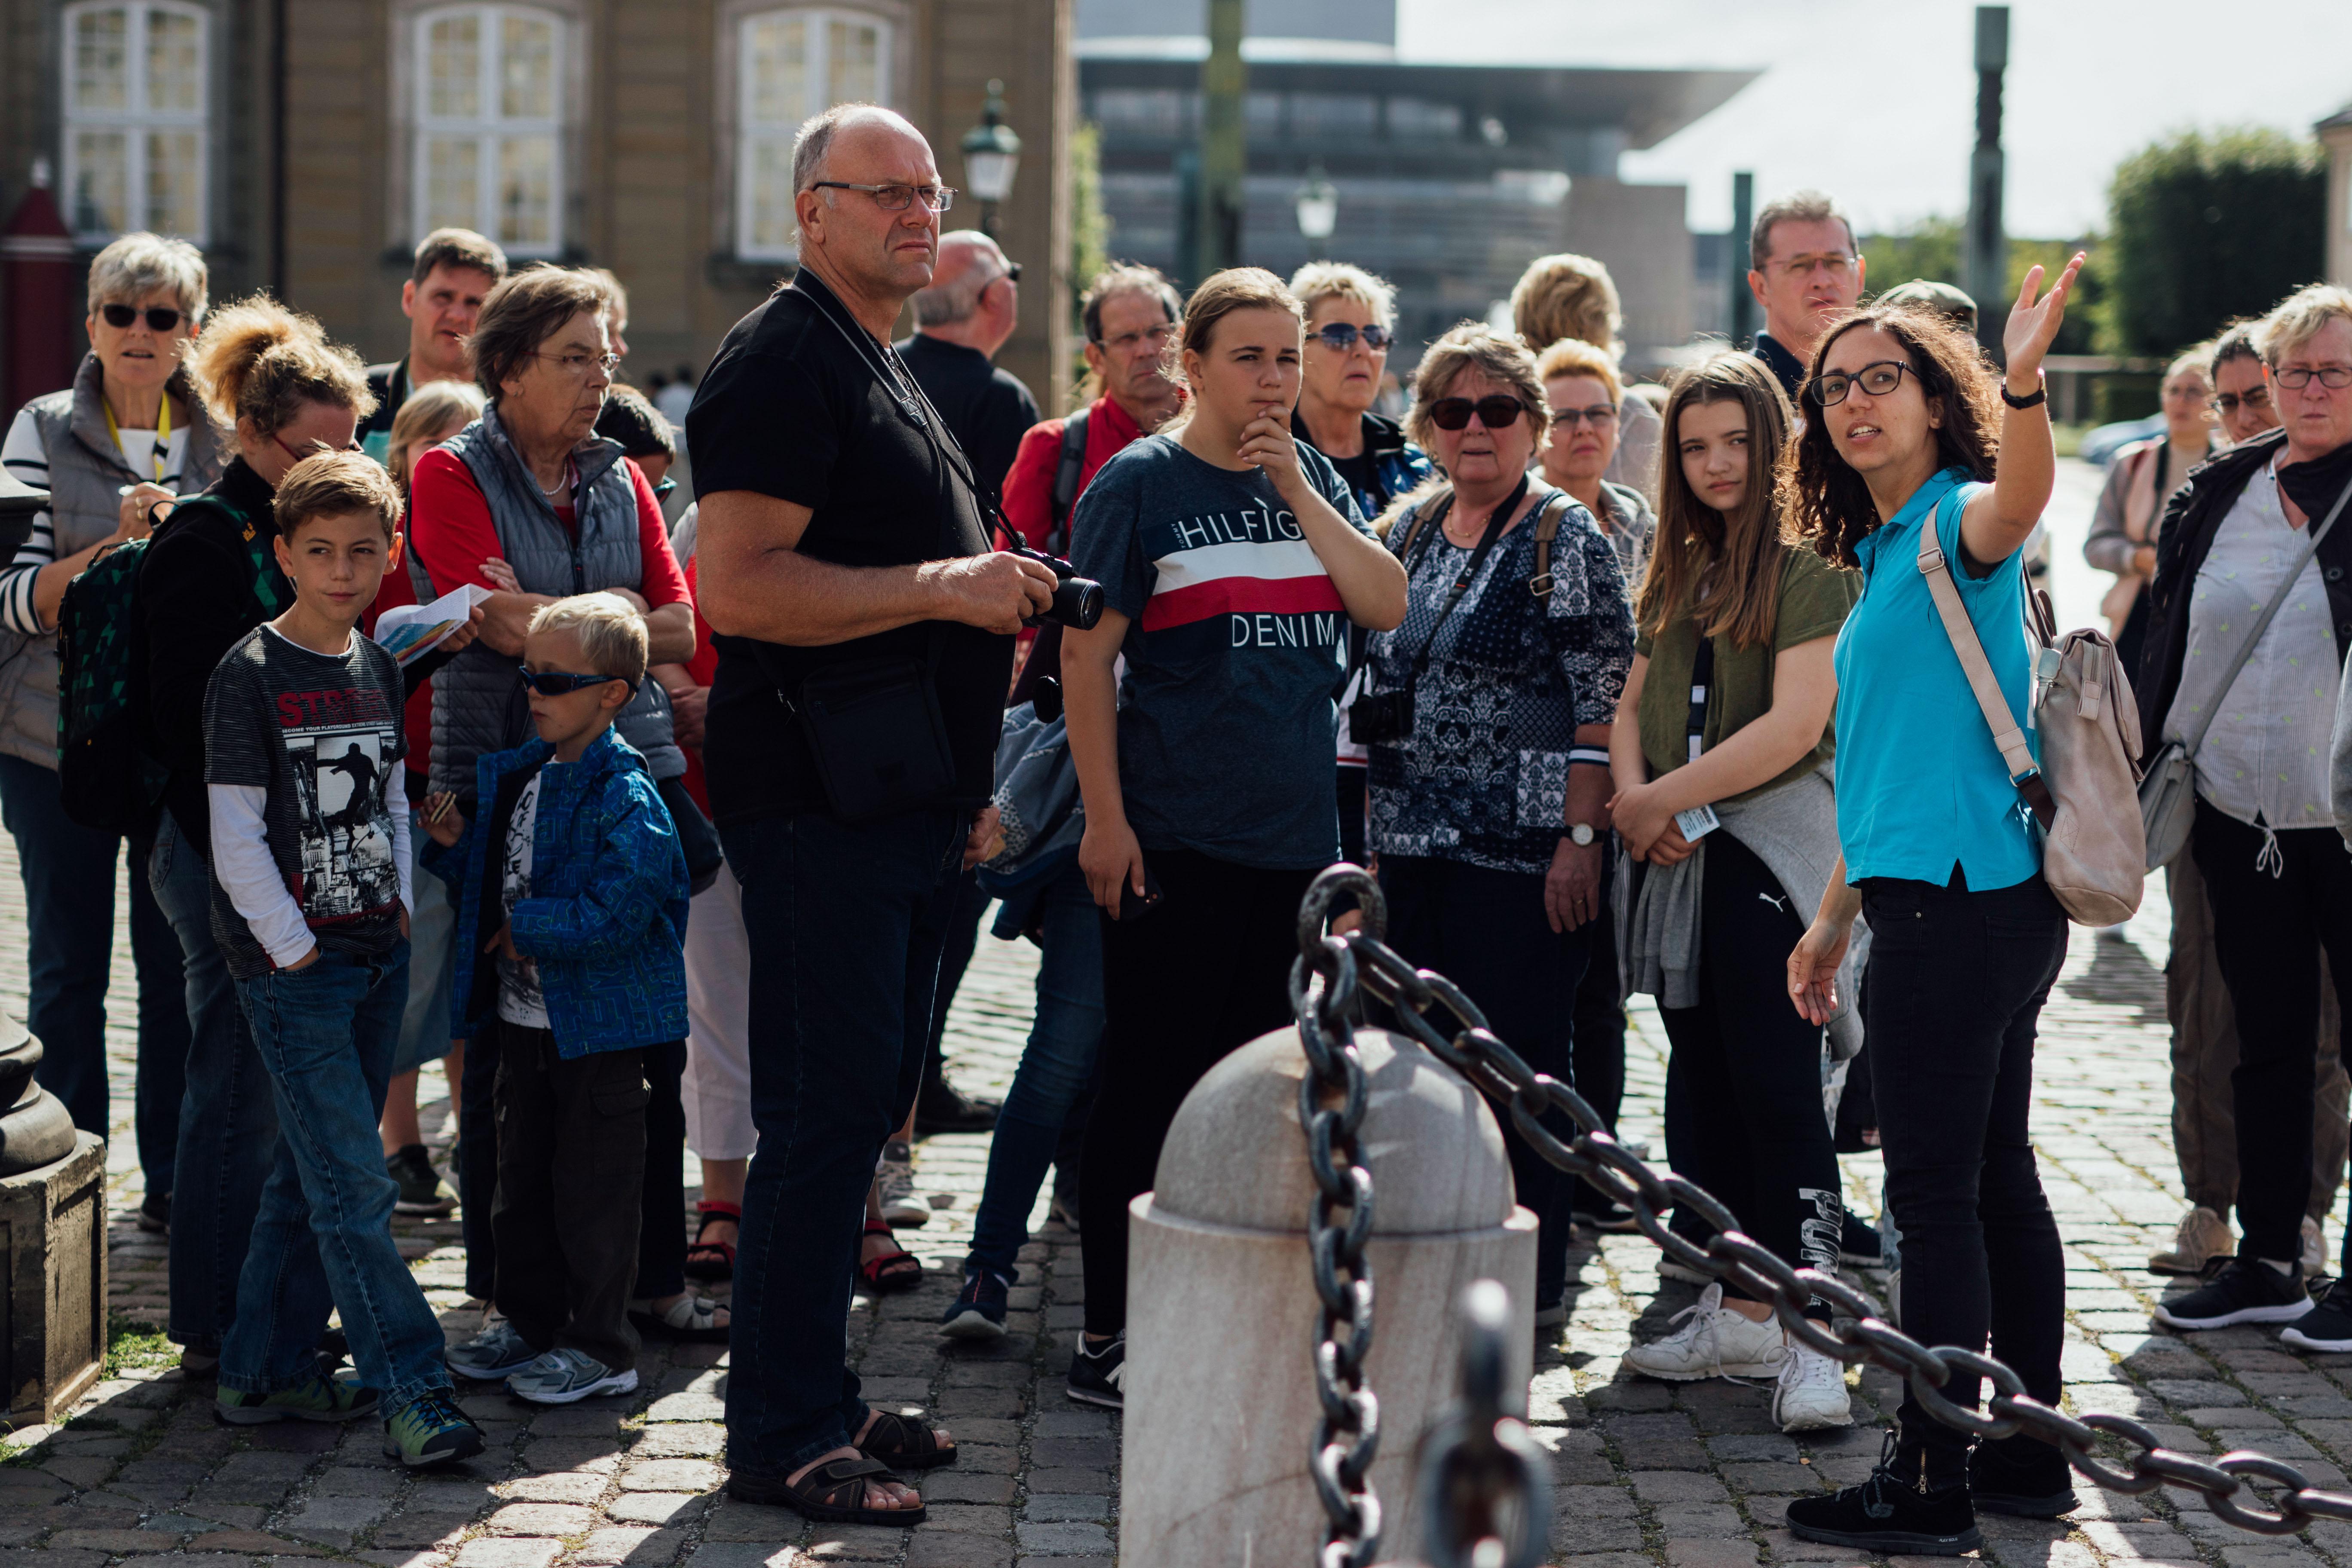 Turister i København. Pressefoto fra det københavnske kongres- og eventbureau BDP. Foto Zevegraf IVS.